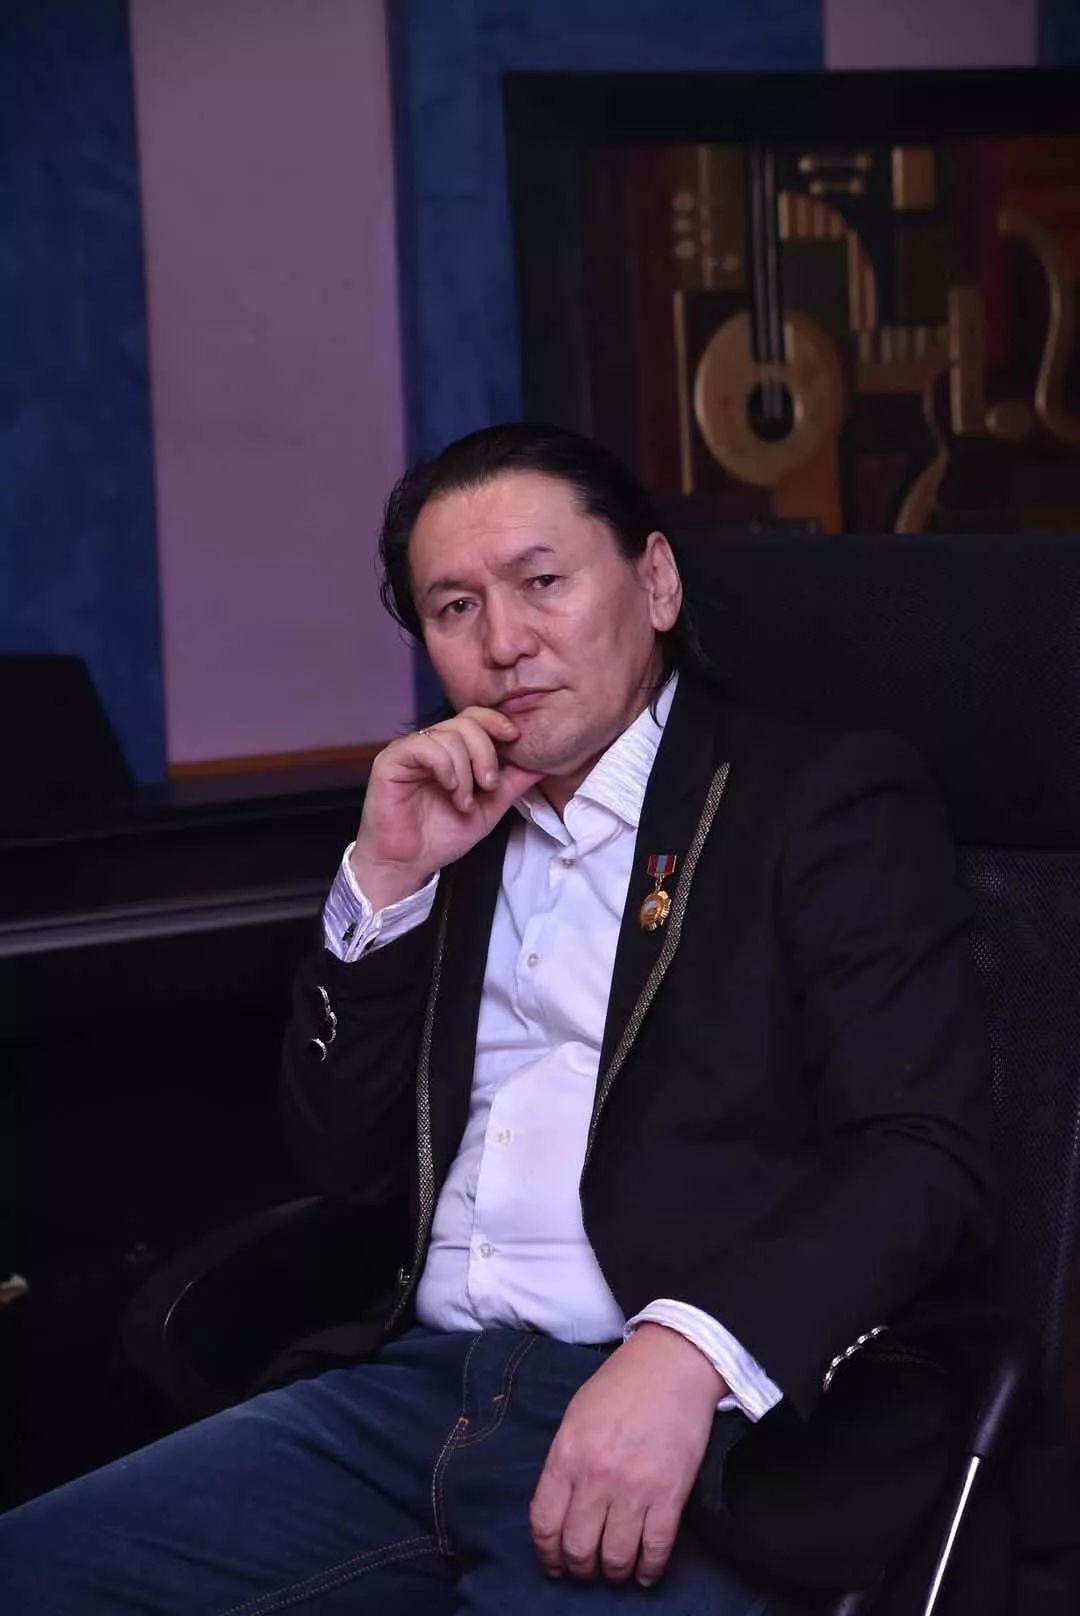 蒙古国超新乐队THE HU首部MV《Yu ve yu yu》全网首发! 第1张 蒙古国超新乐队THE HU首部MV《Yu ve yu ve yu》全网首发! 蒙古音乐